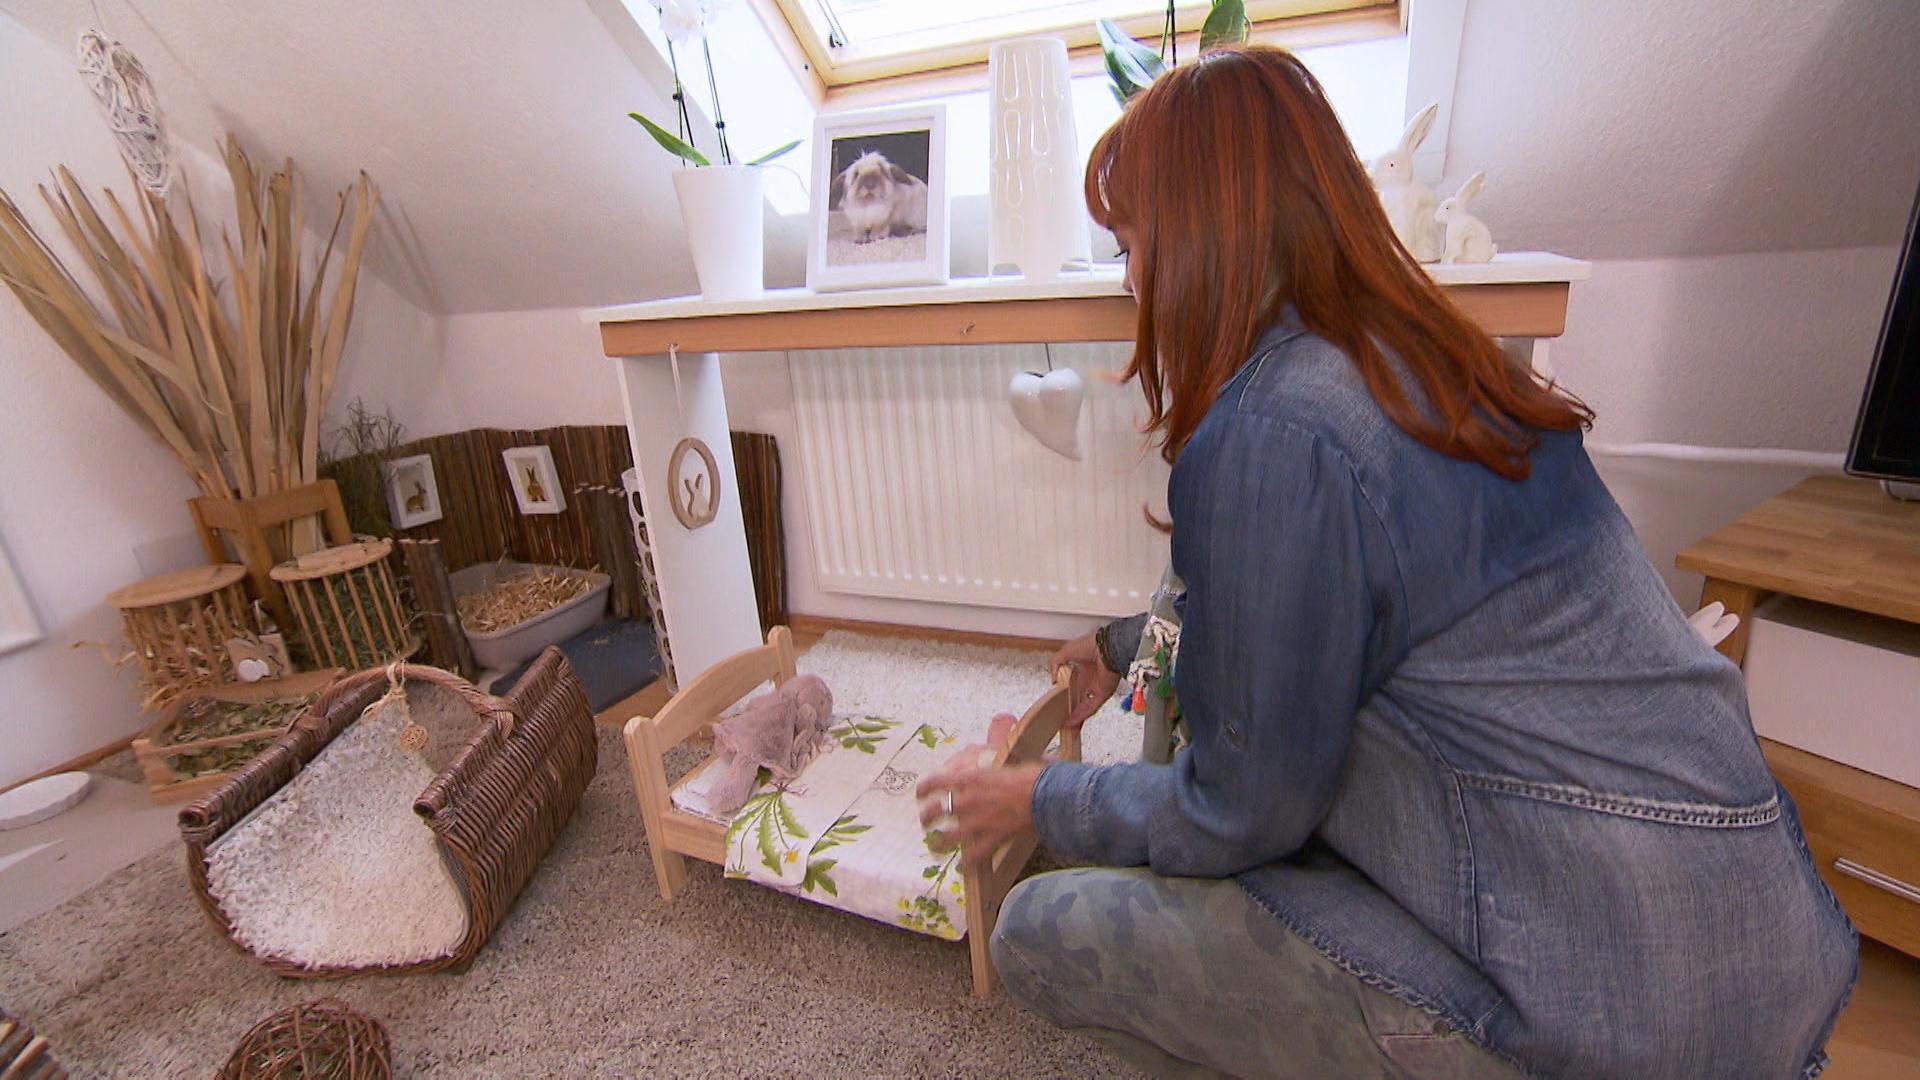 hundkatzemaus diana zeigt kaninchen in wohnungshaltung. Black Bedroom Furniture Sets. Home Design Ideas